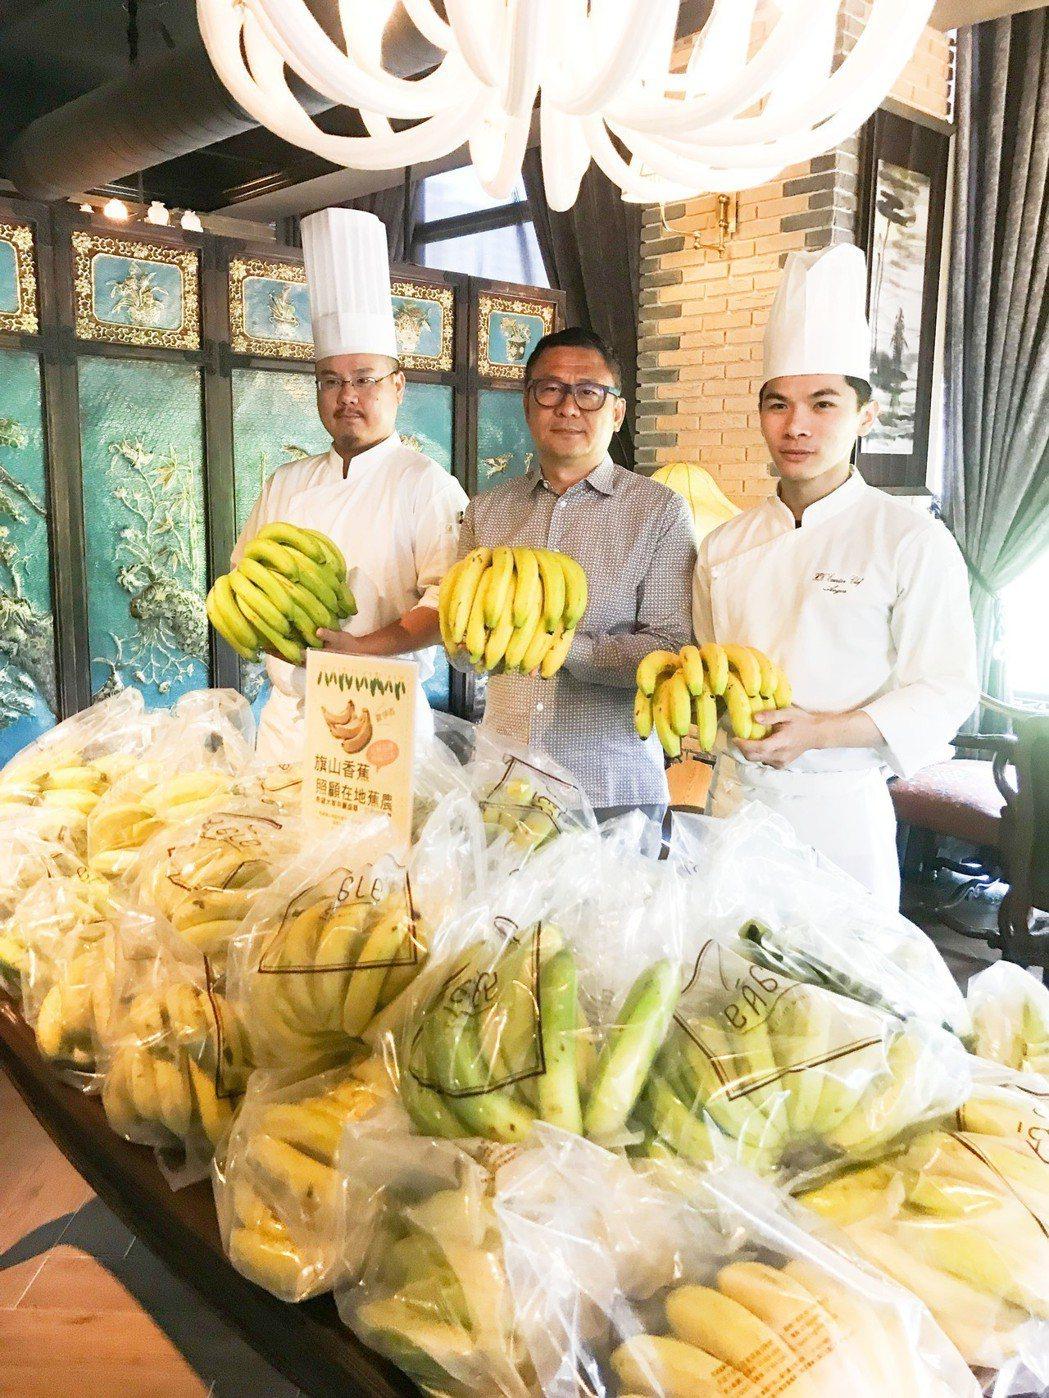 雄崗建設董事長林清吉(中)以一公斤25元向蕉農買了5千公斤旗山北蕉。 攝影/張世...